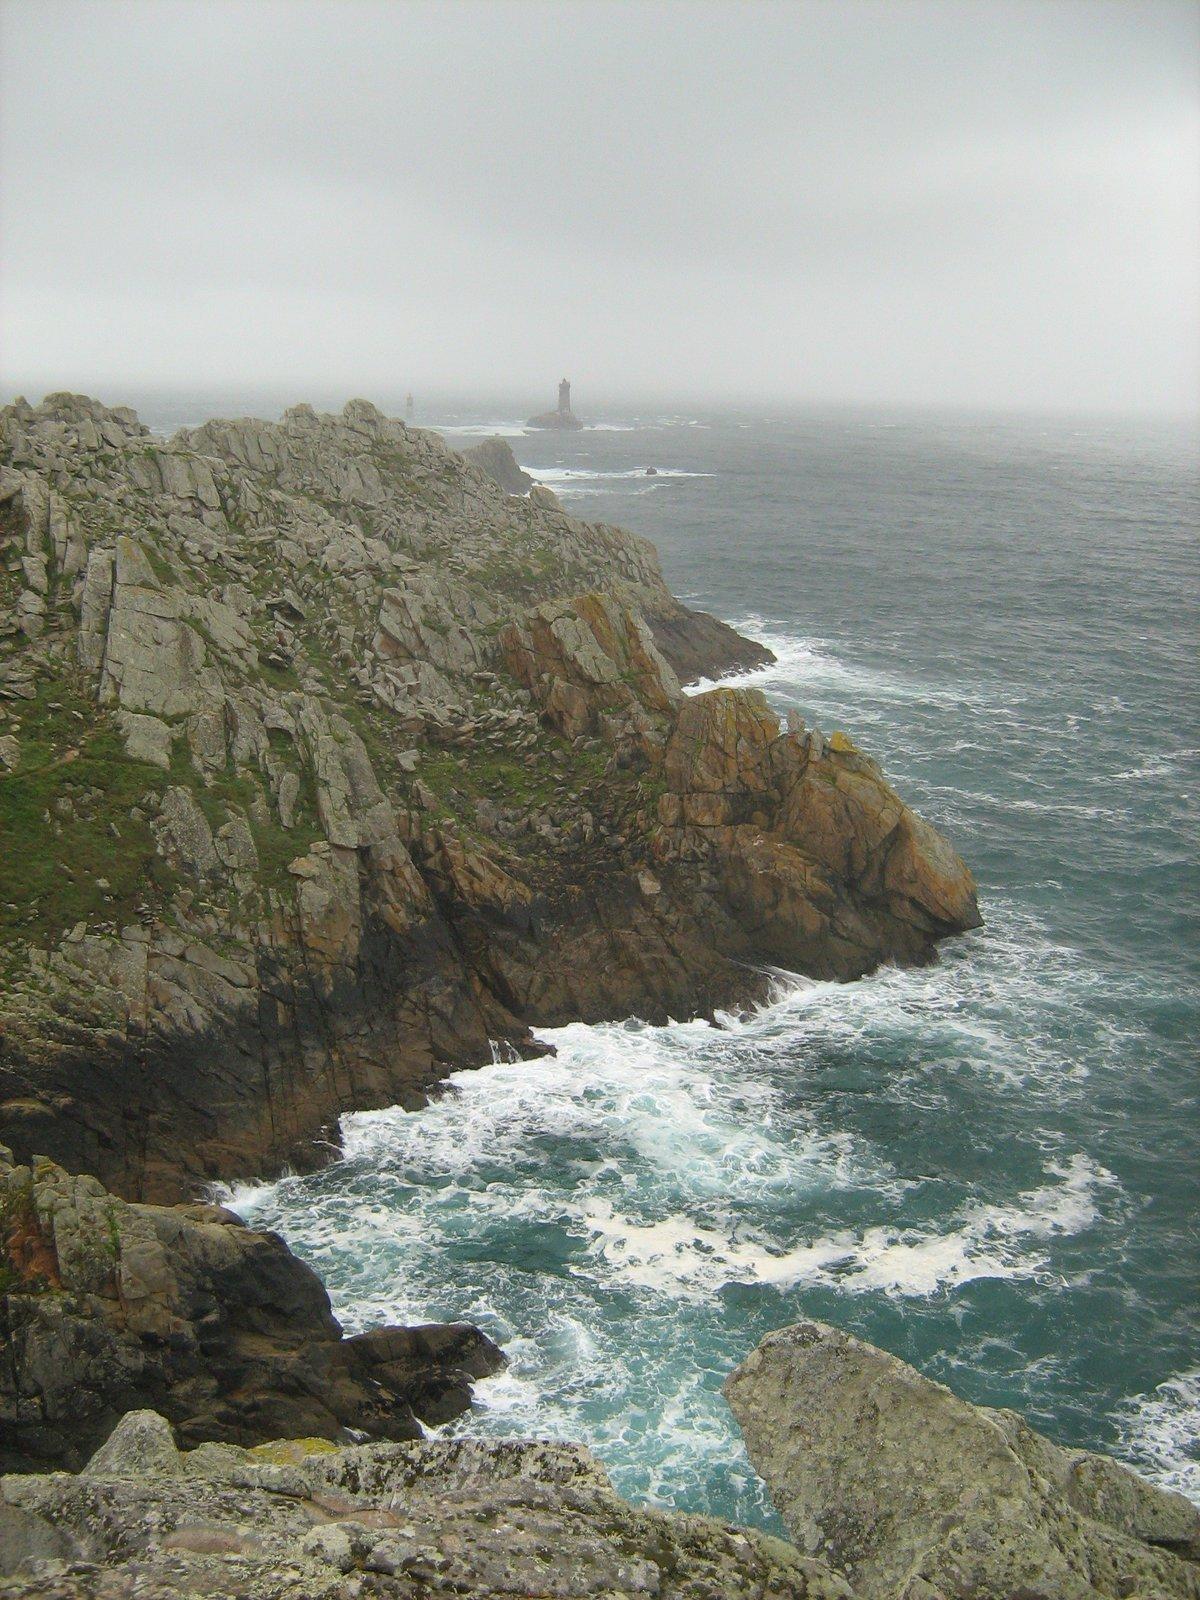 Pointe de Raz, koniec sveta